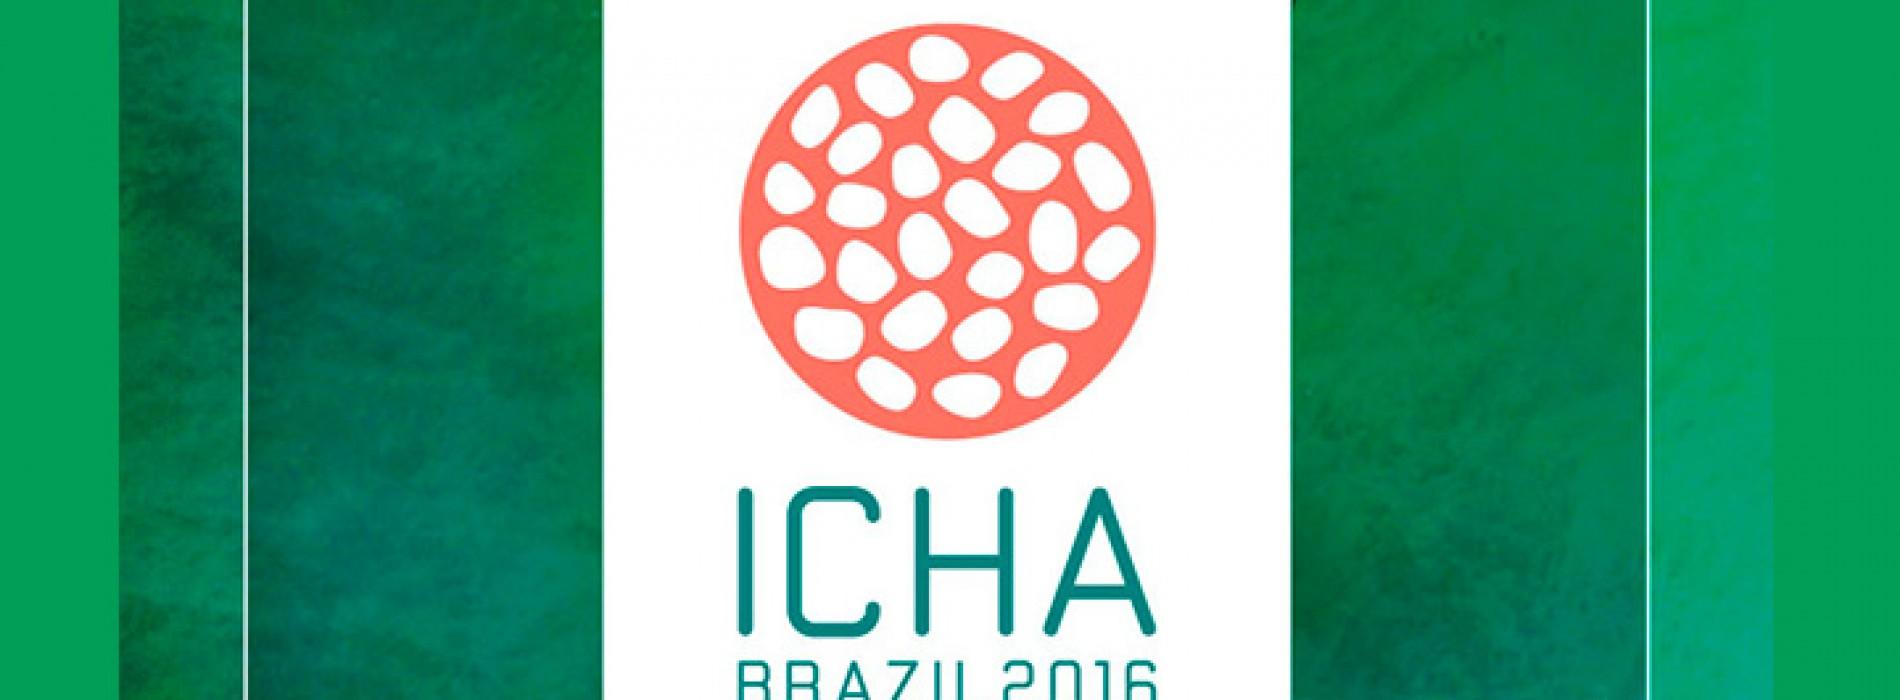 Microbia Environnement à la 17ème conférence internationale ICHA 2016 au Brésil